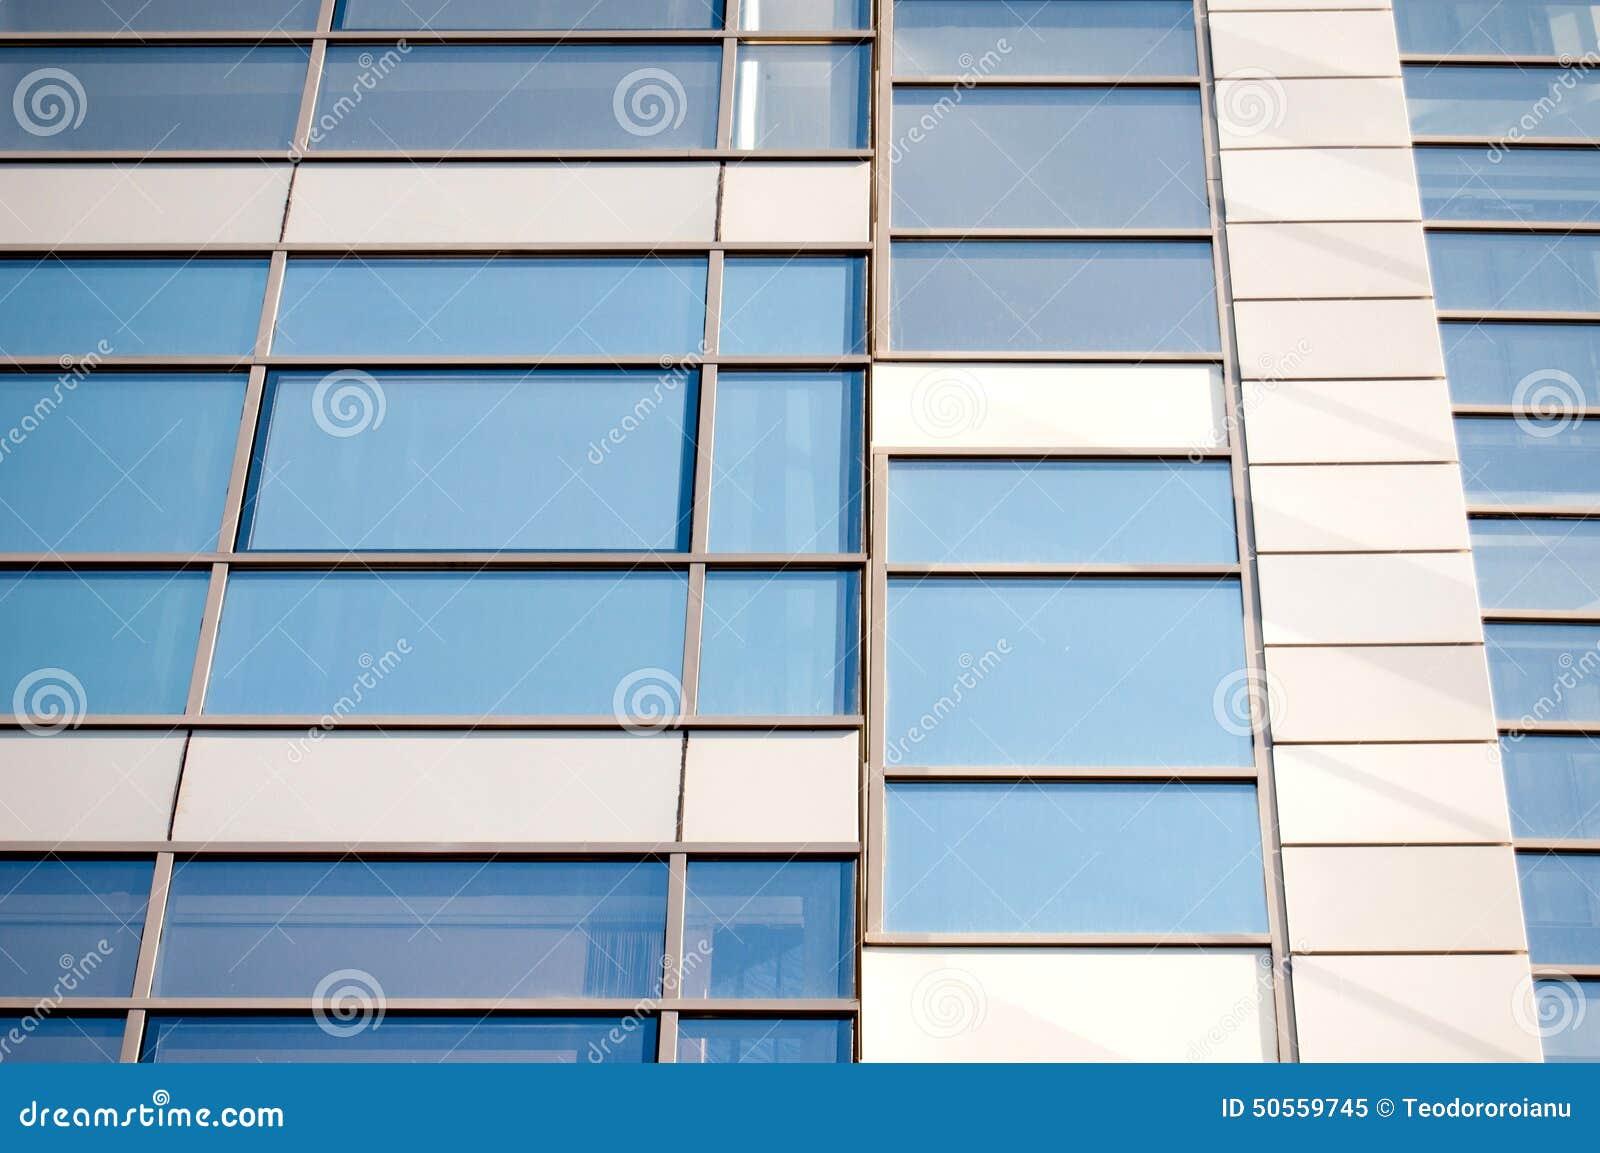 Modern Glass Facade Design Stock Photo Image 50559745